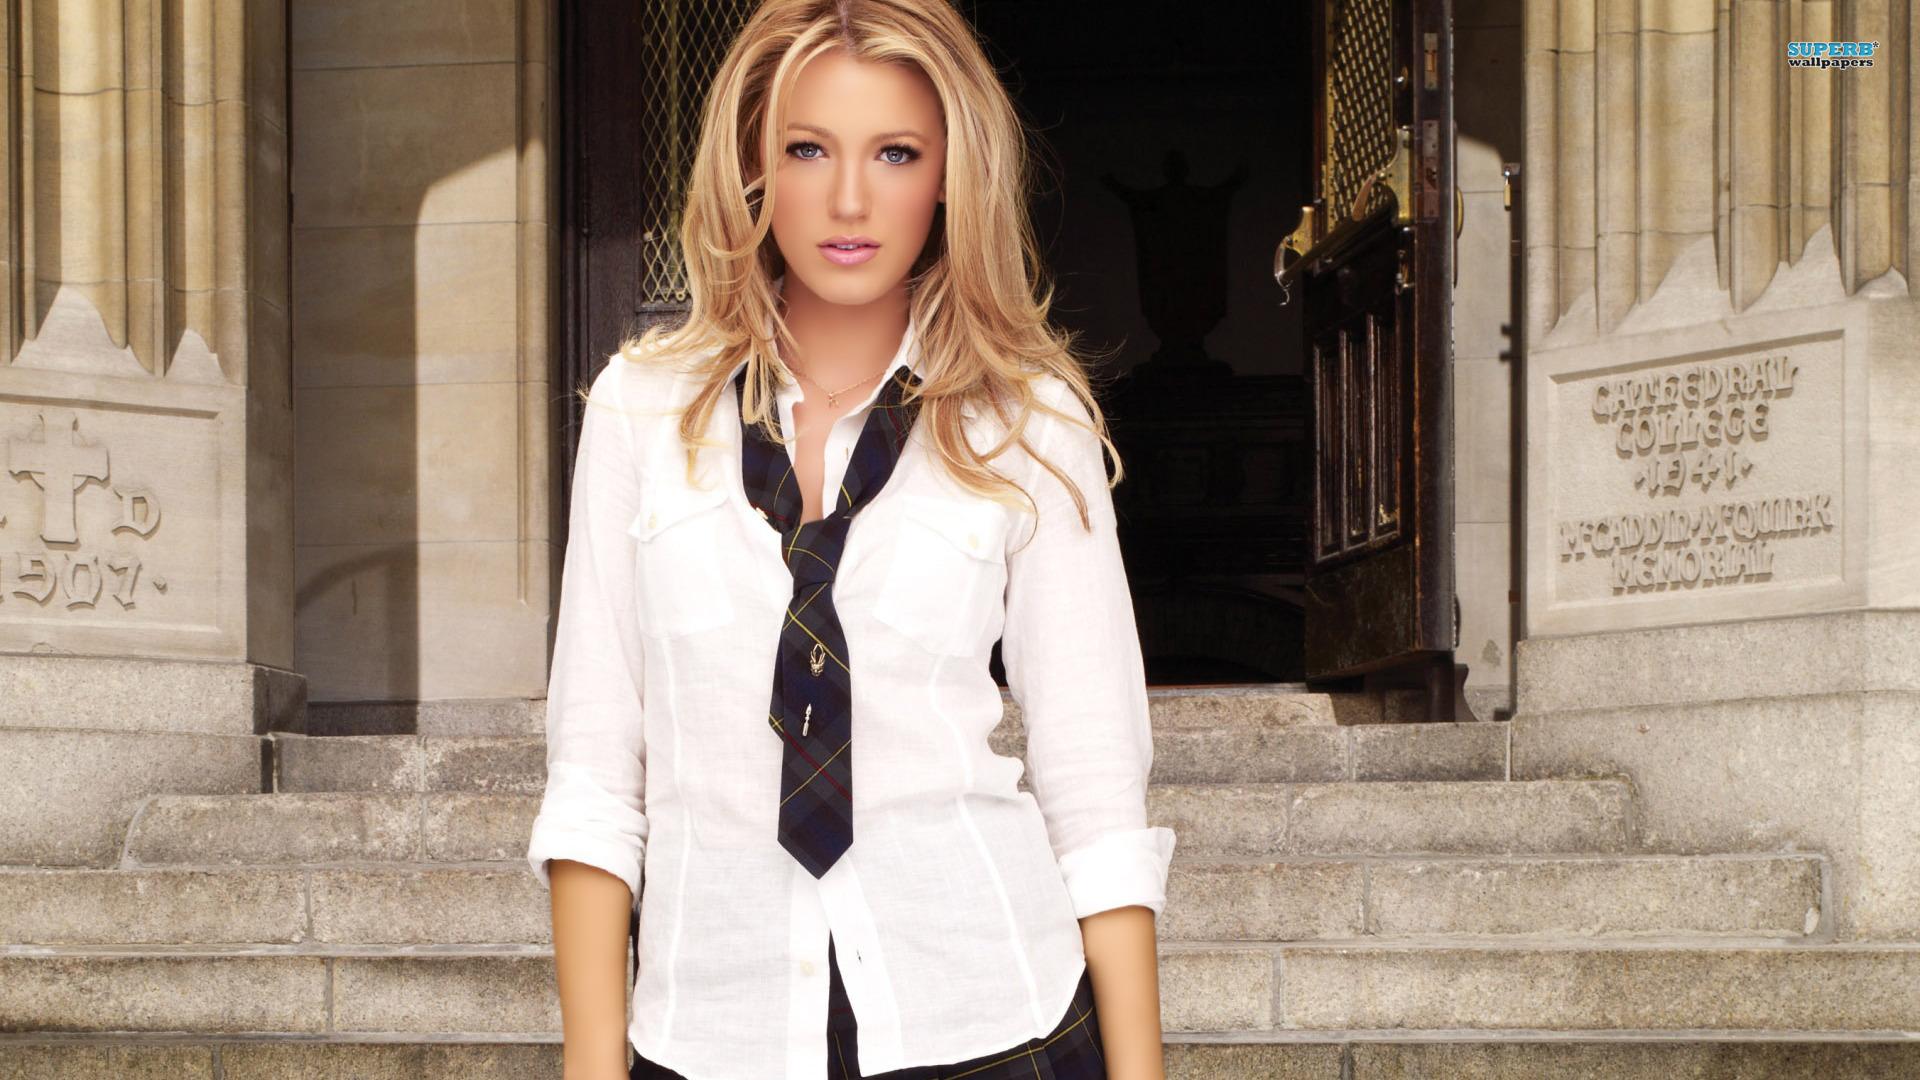 Celebrity - Blake Lively  Woman Wallpaper